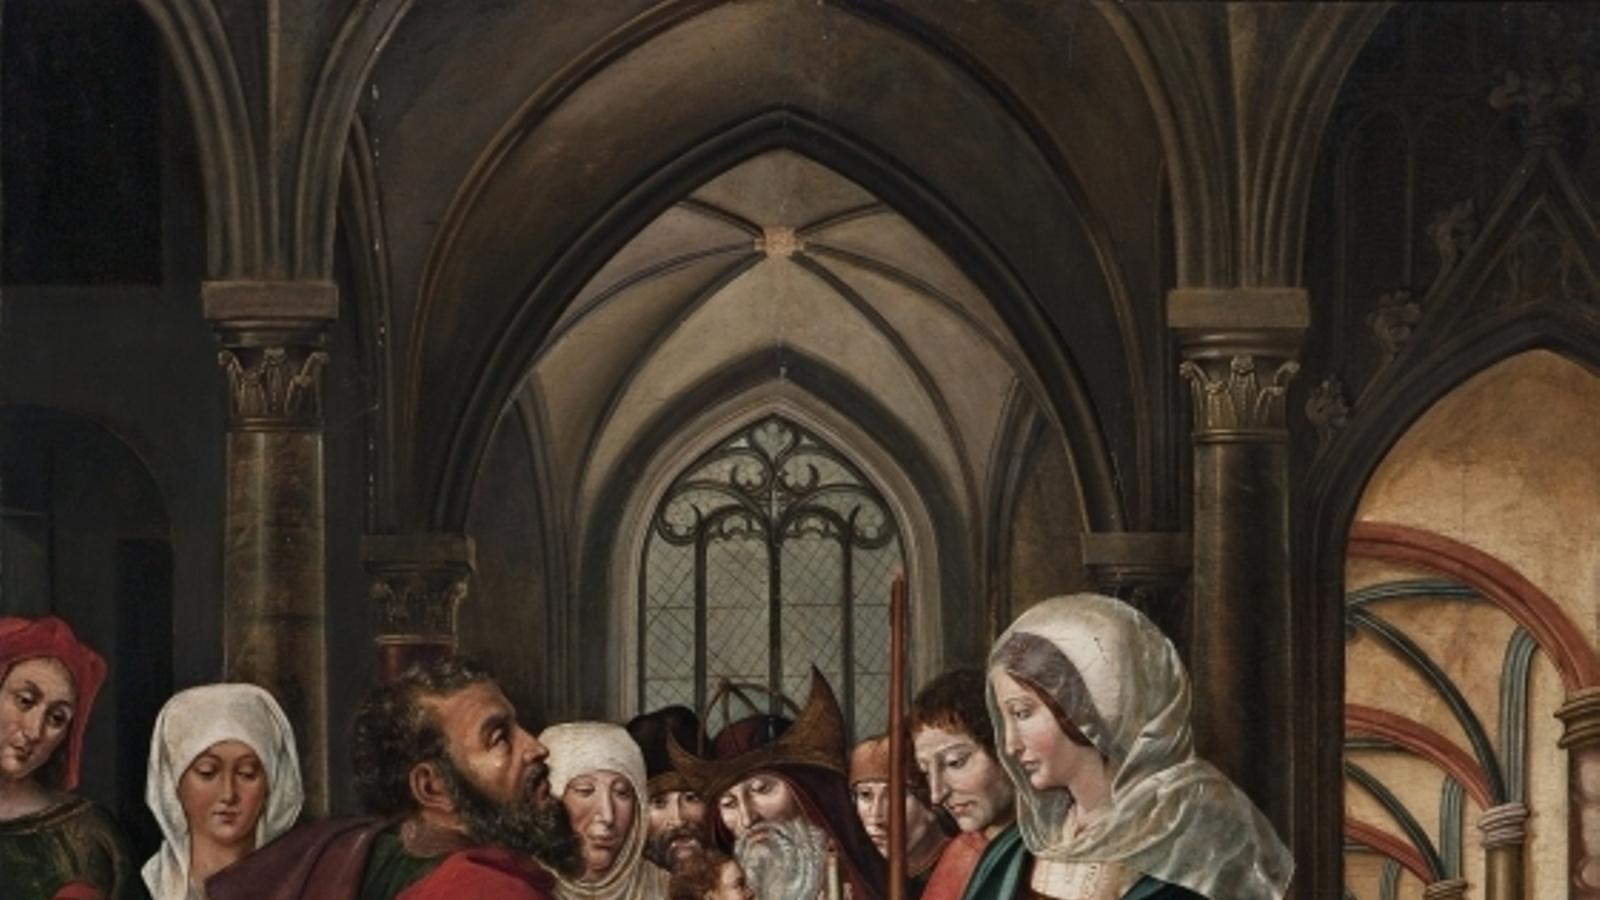 'Presentació de Jesús al temple', del Mestre de Sixena